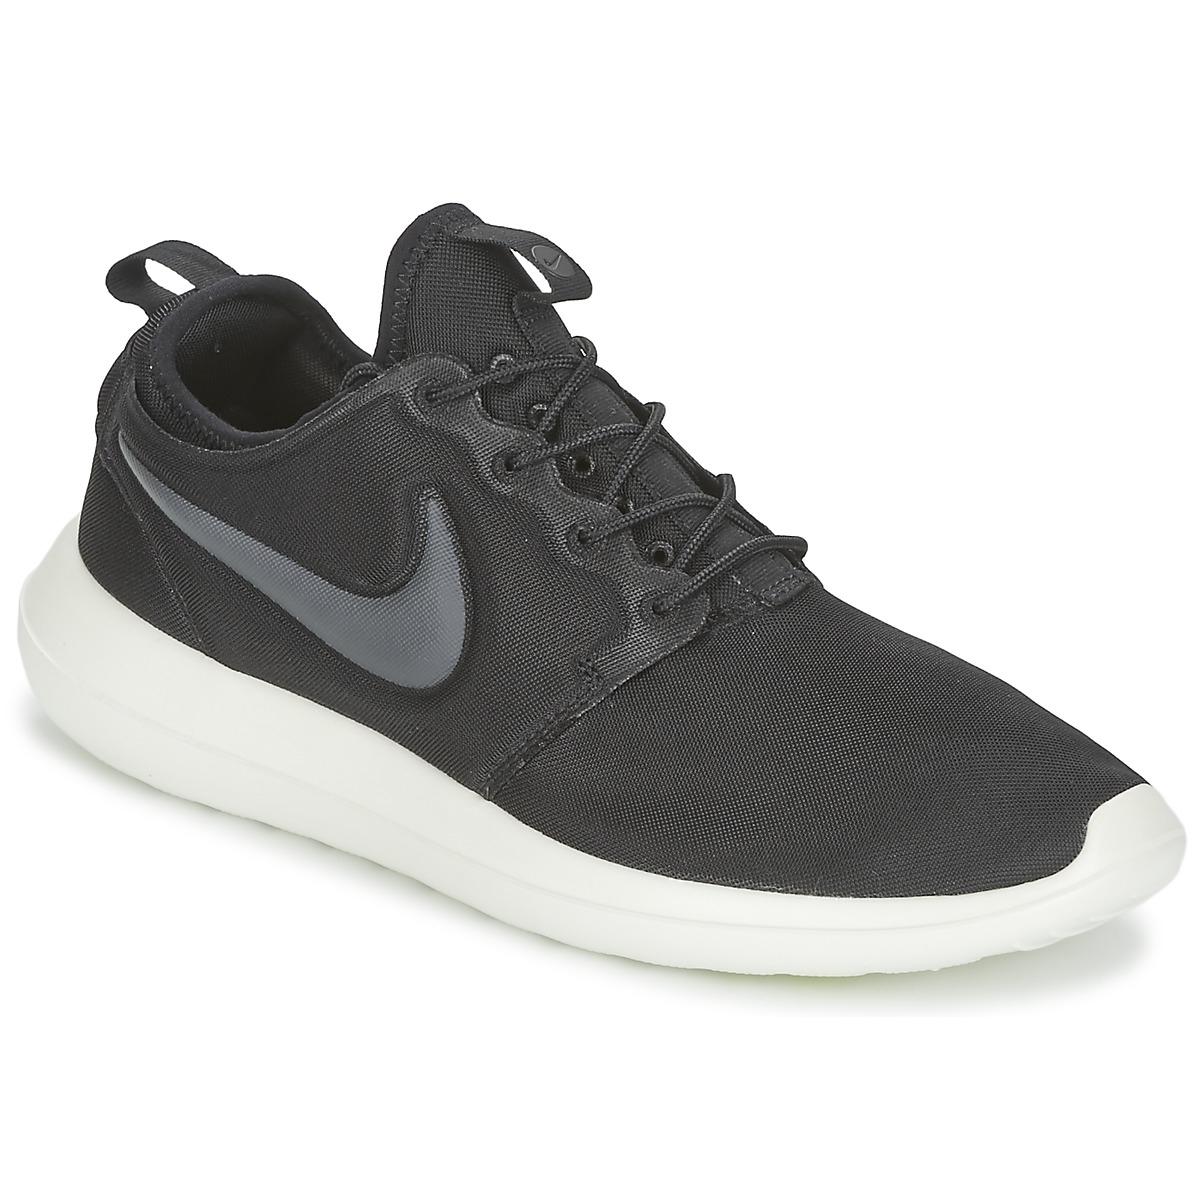 [spartoo] Nike Roshe Two in schwarz für 40 in vielen Größen durch Umfrage-Gutschein